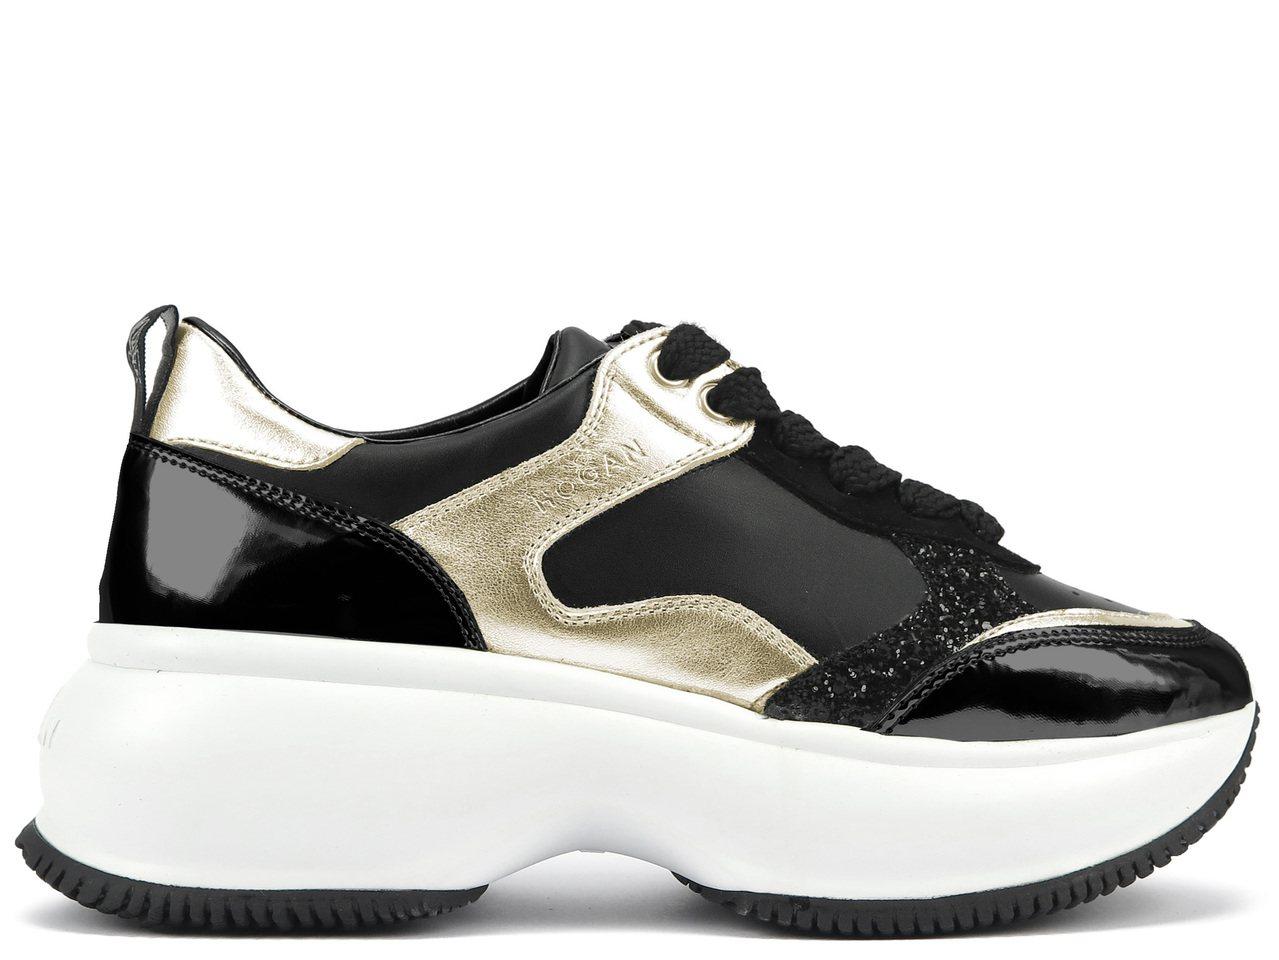 台灣限定款的Maxi Active皮革拼接女士休閒鞋,19,900元。圖/迪生提...